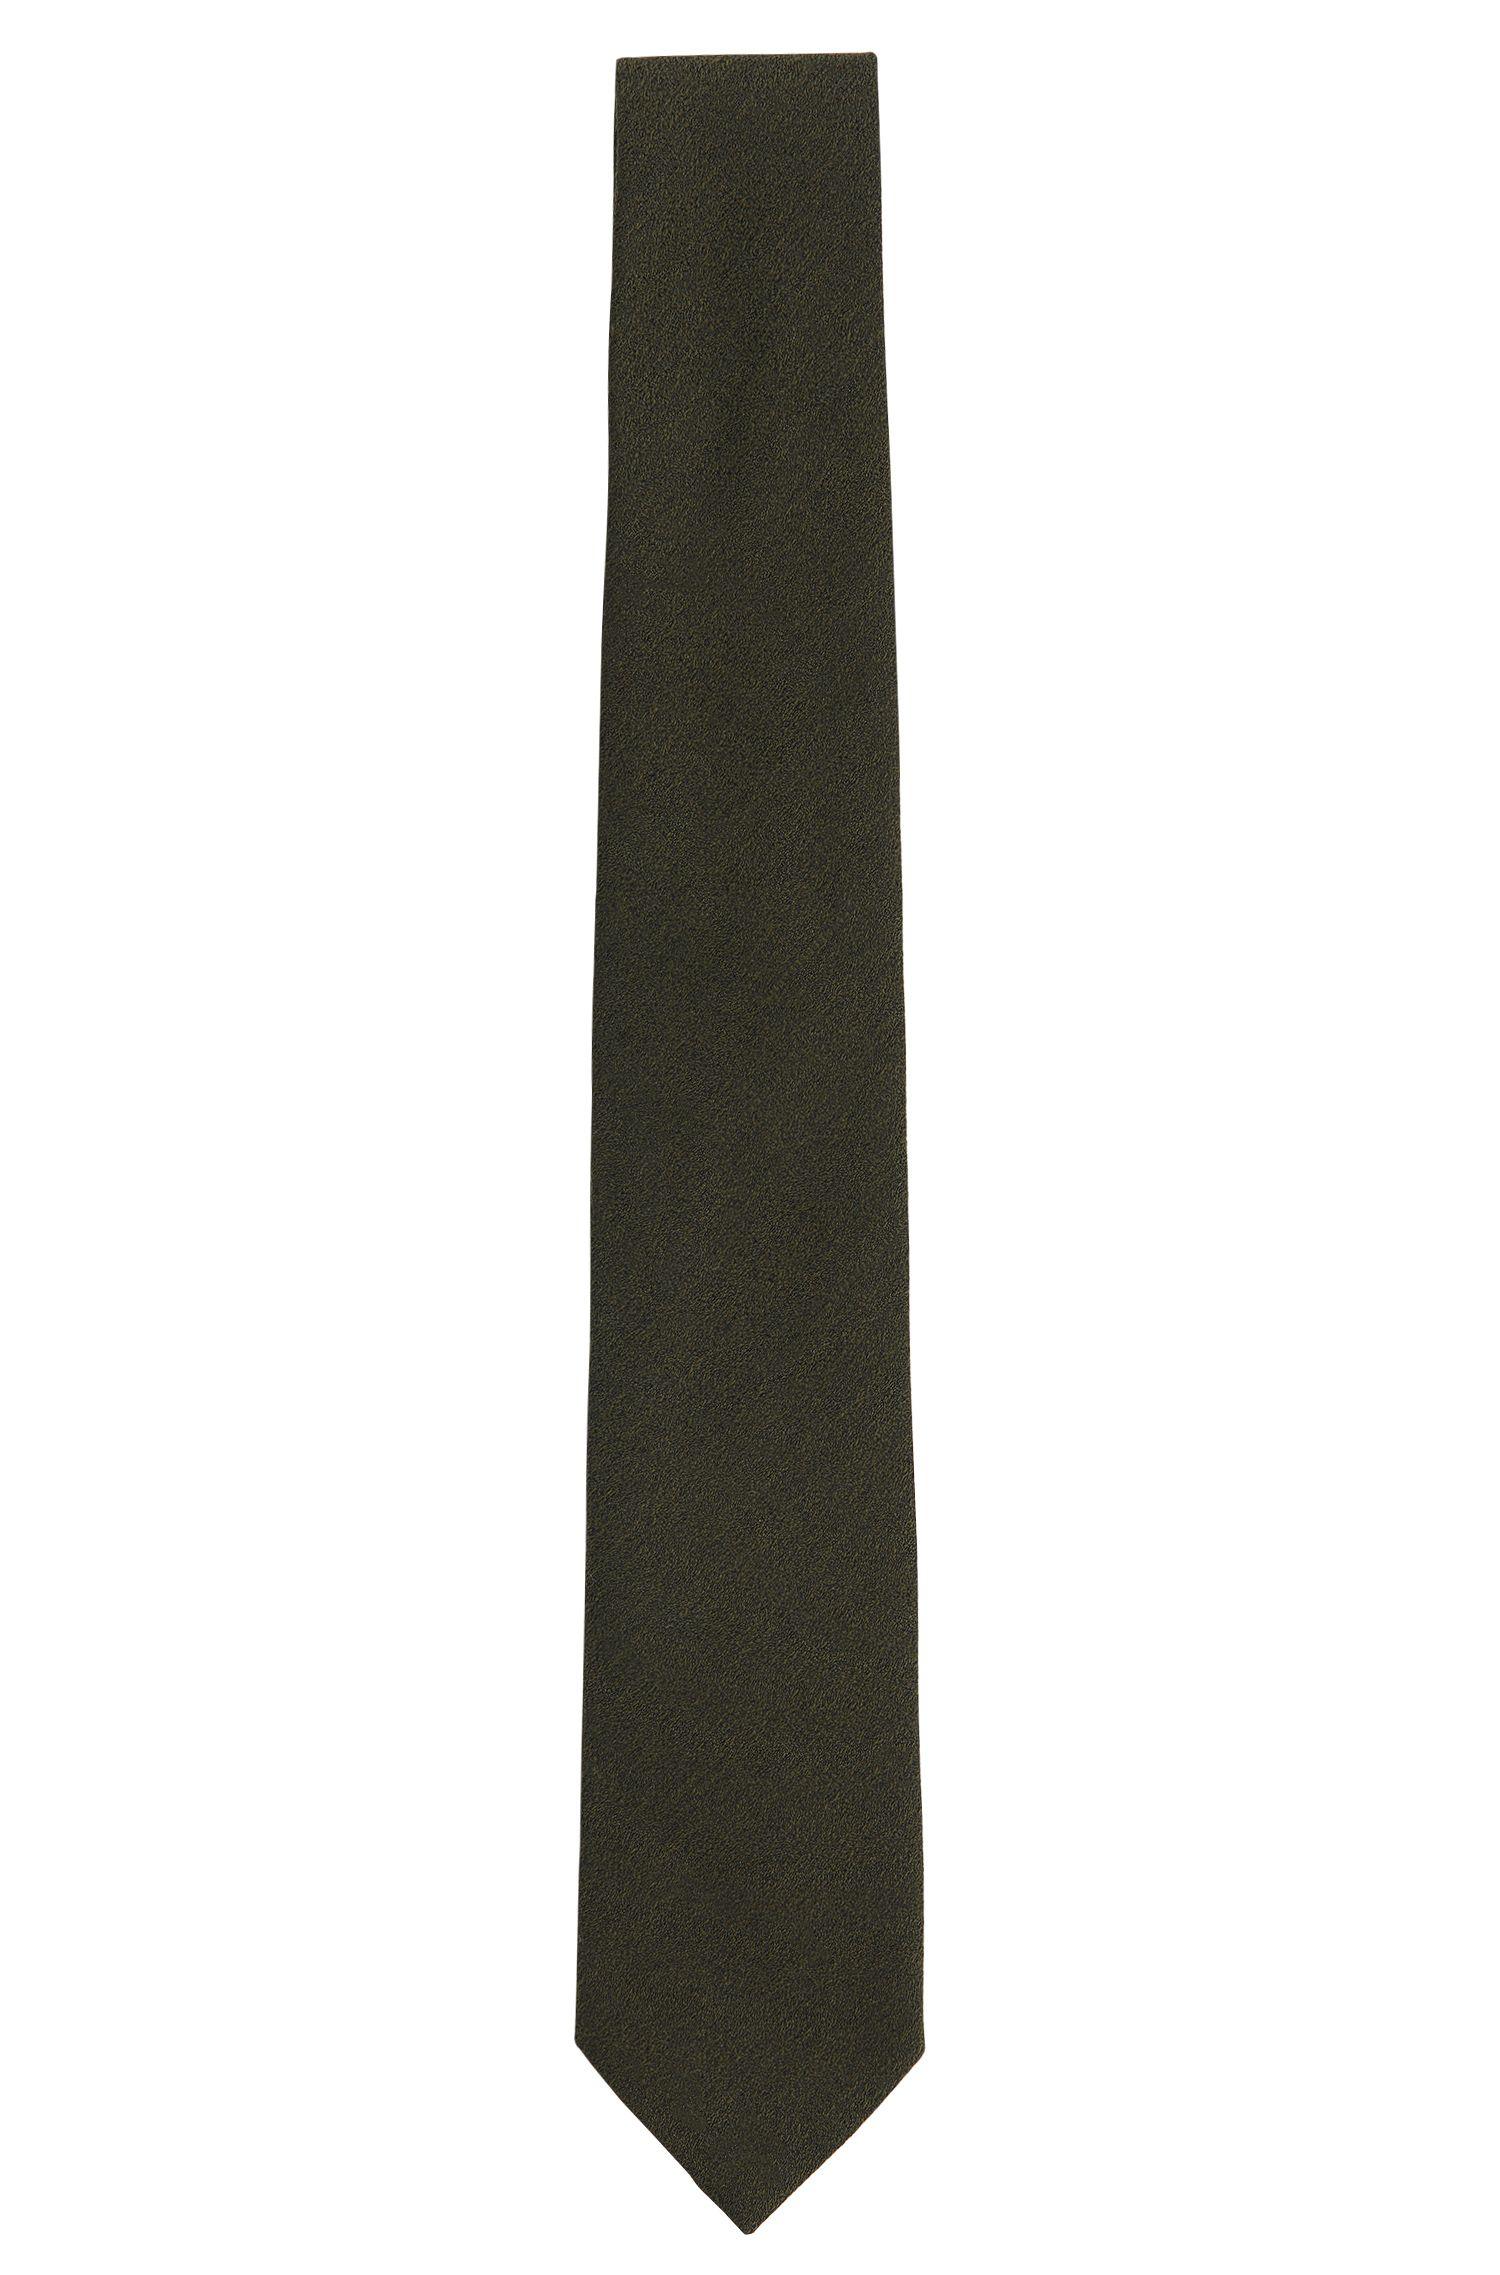 Unifarbene Tailored Krawatte aus Woll-Mix mit Seide: ' T-Tie 6 cm'